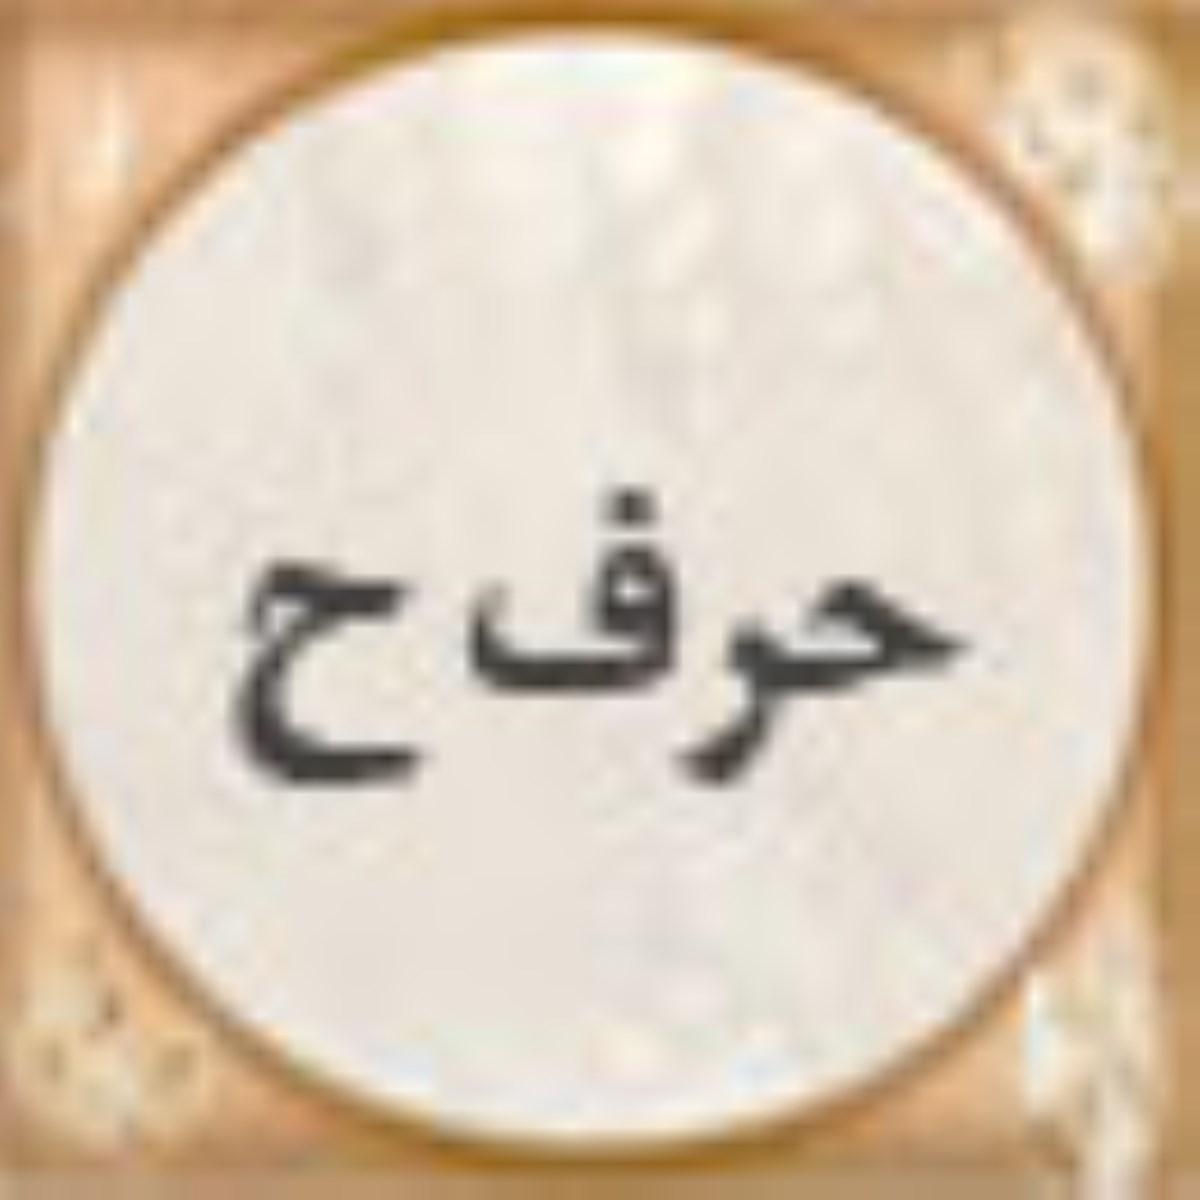 ضرب المثل ها - حرف ح